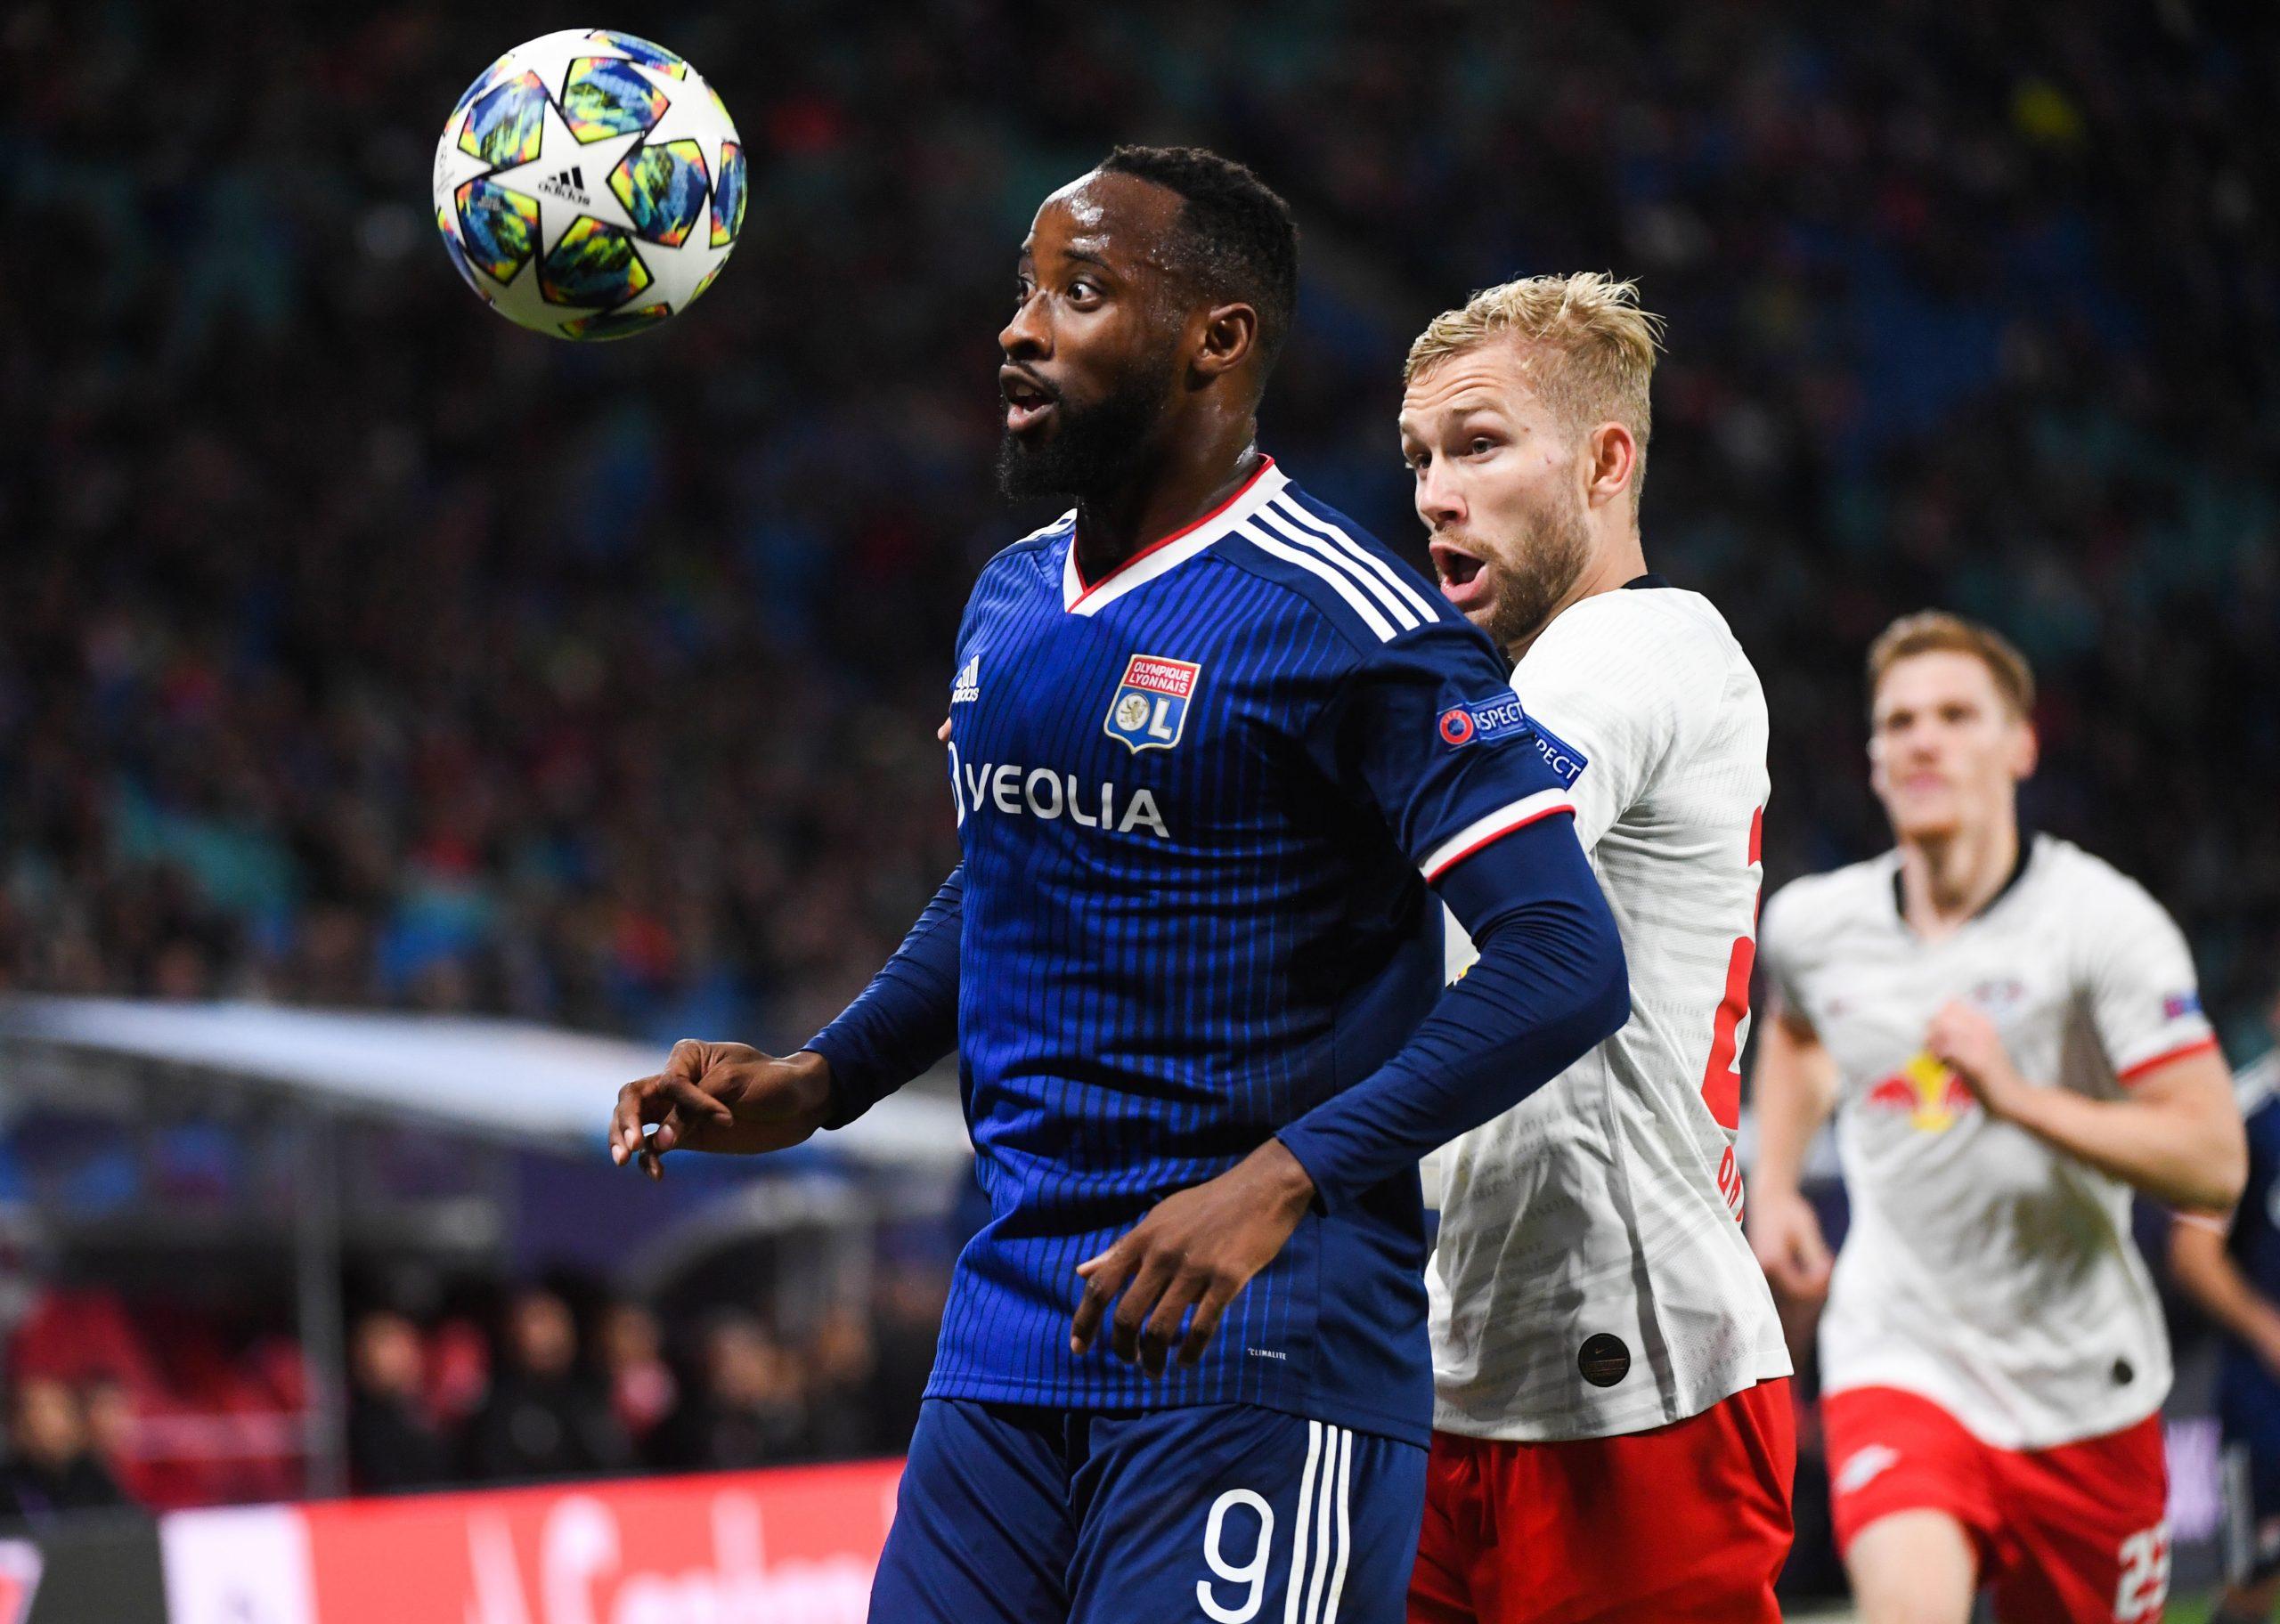 """[OL-RBL] Fr Leipzig : """"Lyon ne nous a pas impressionné au match aller"""""""